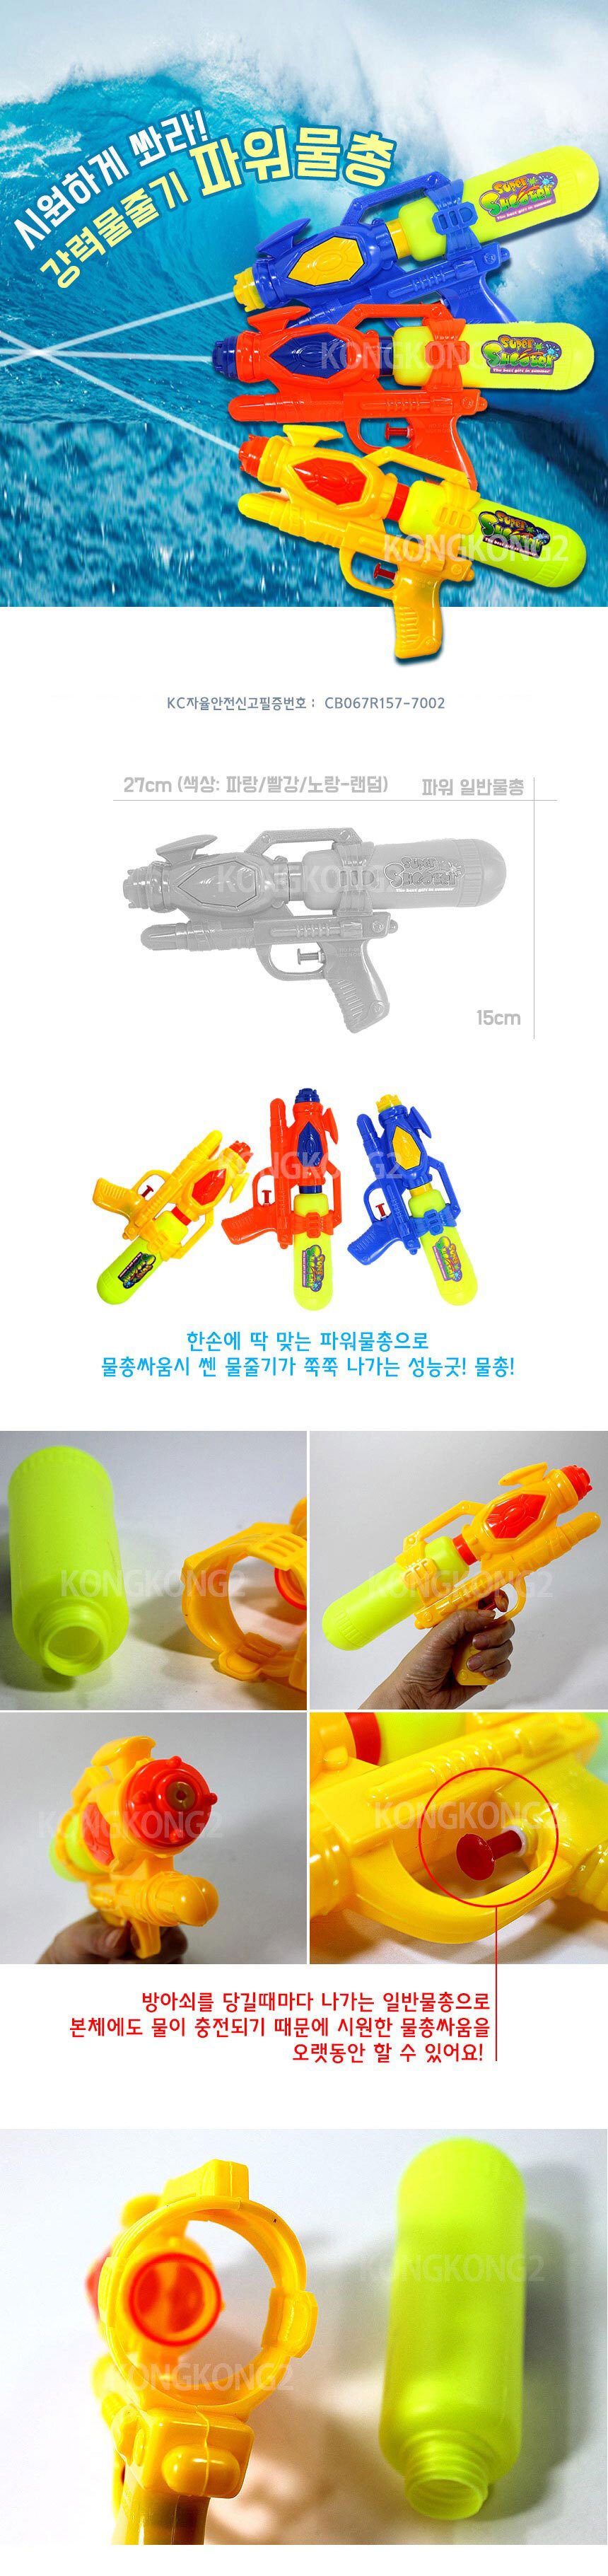 sponge_gun_10.jpg